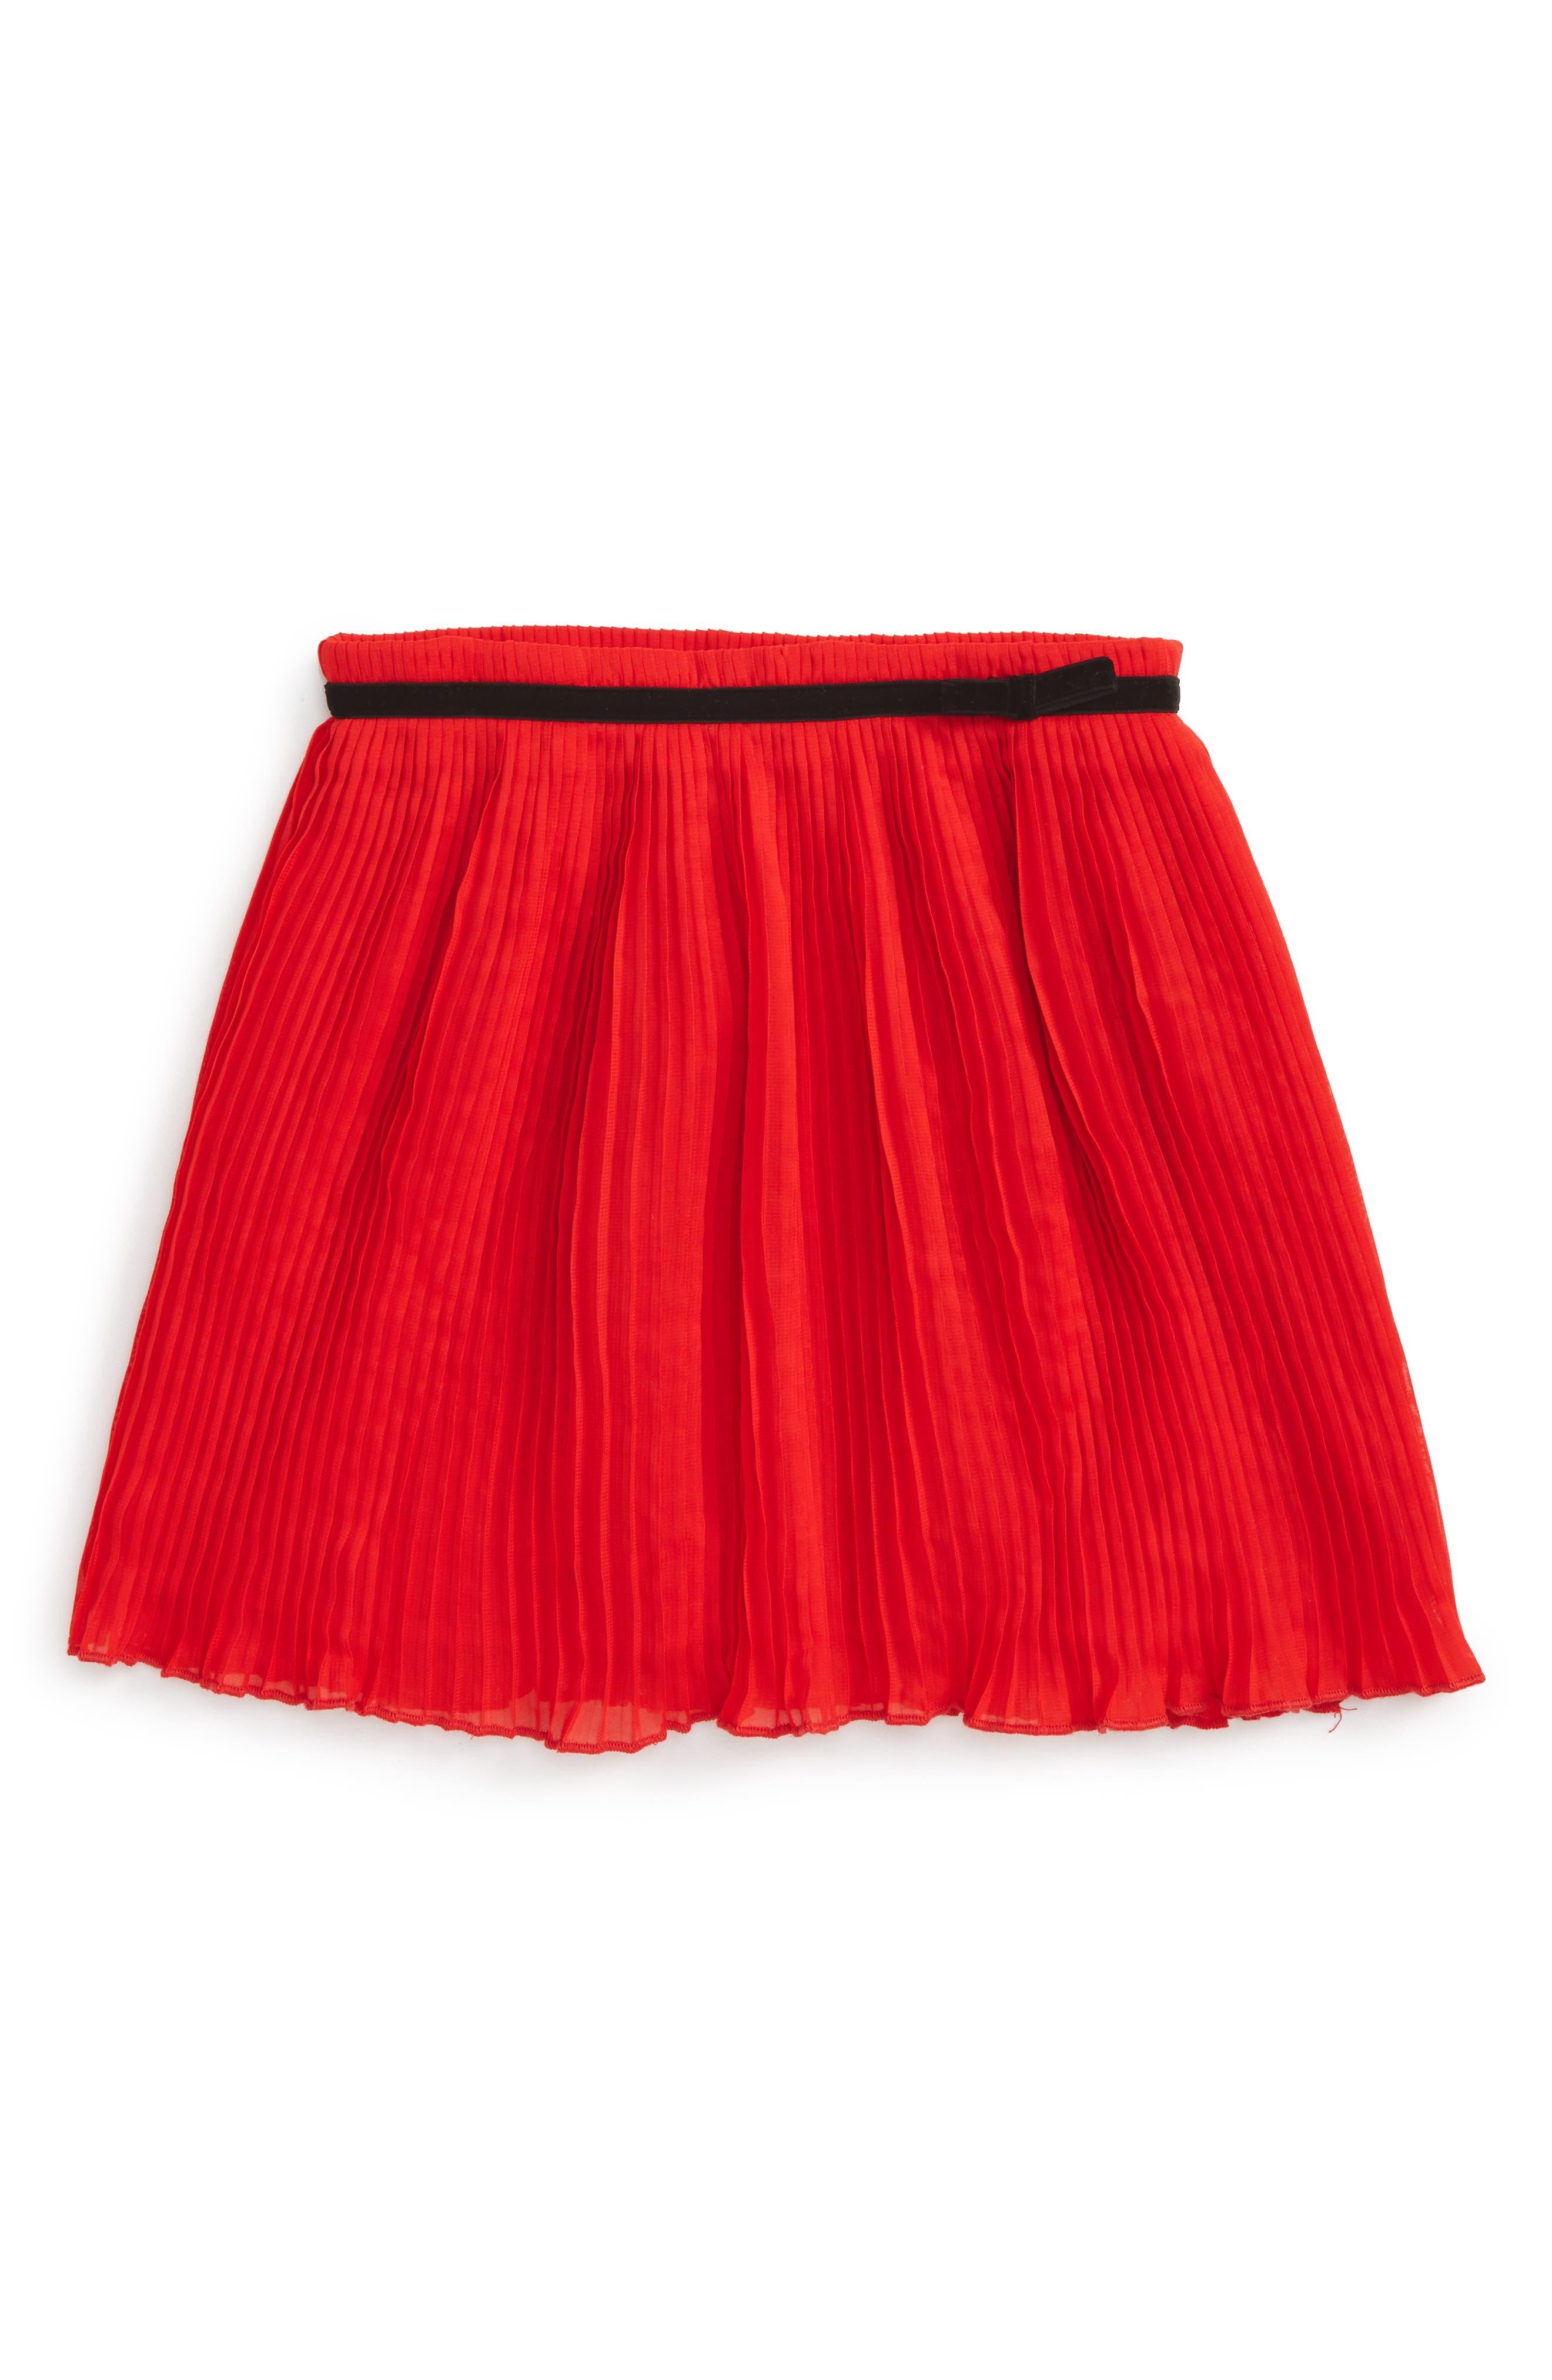 Alternate Image 1 Selected - kate spade new york pleated chiffon skirt (Toddler Girls & Little Girls)